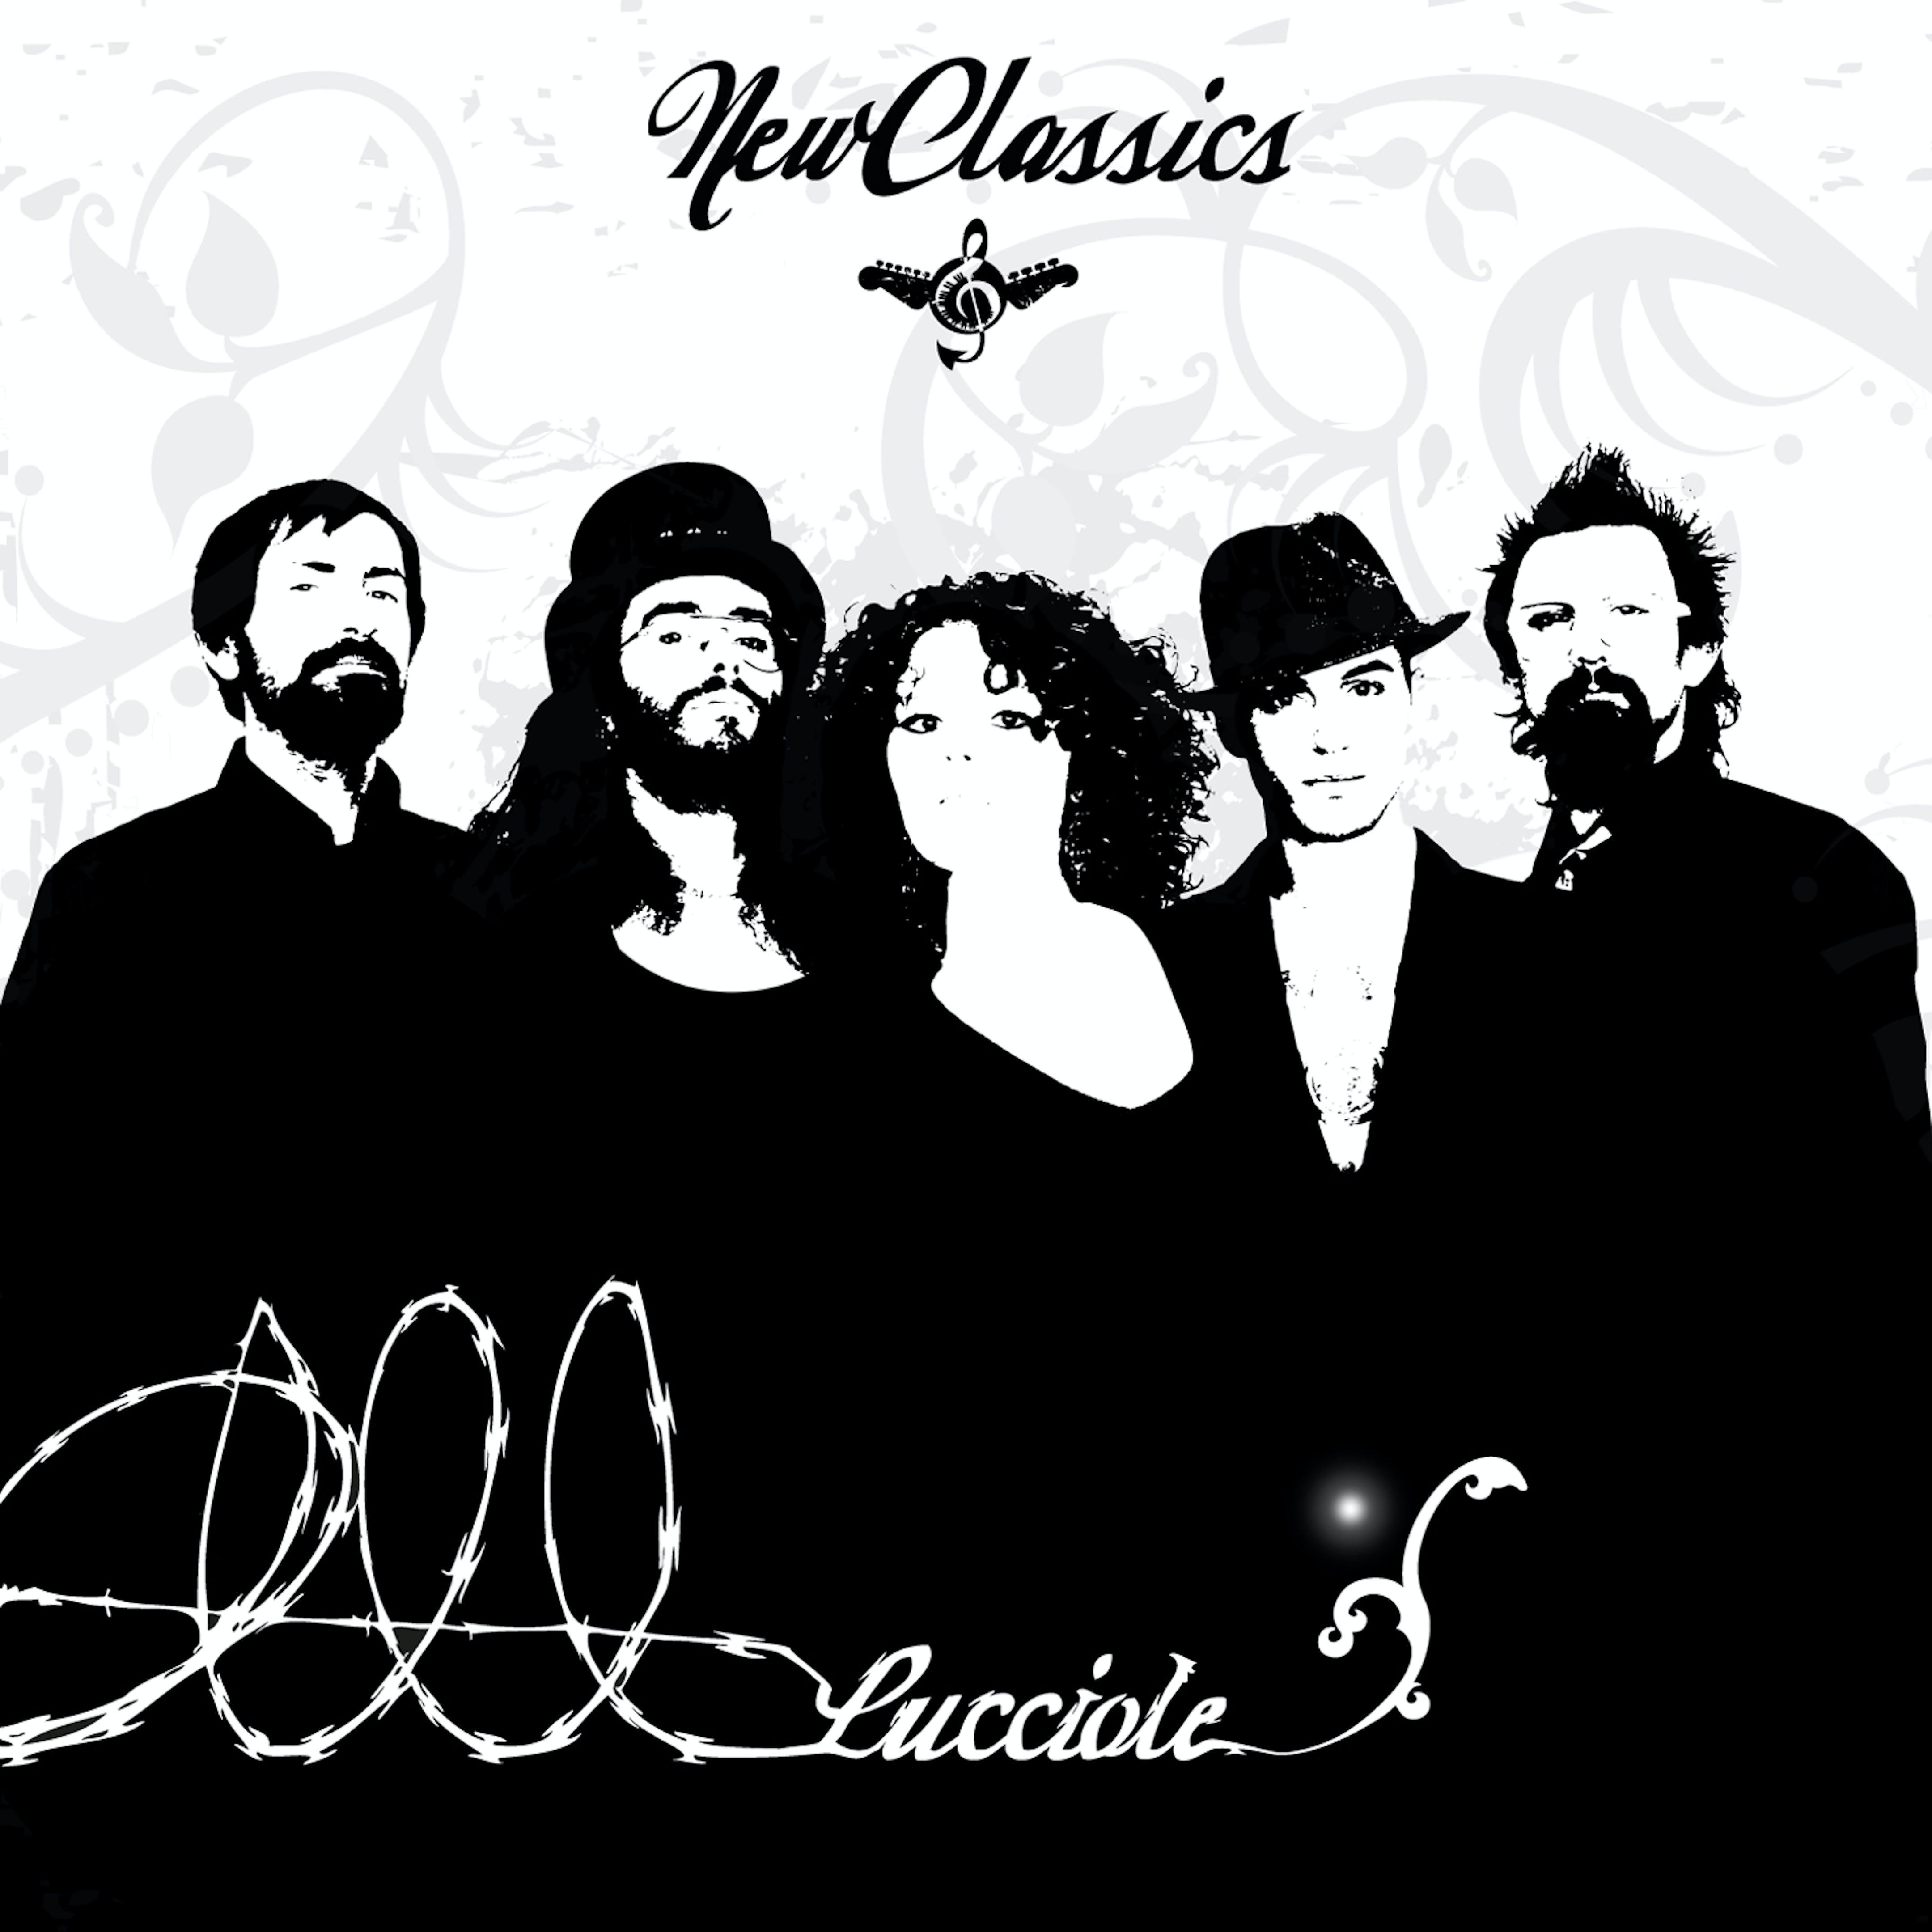 La New Classic Band, autore del brano